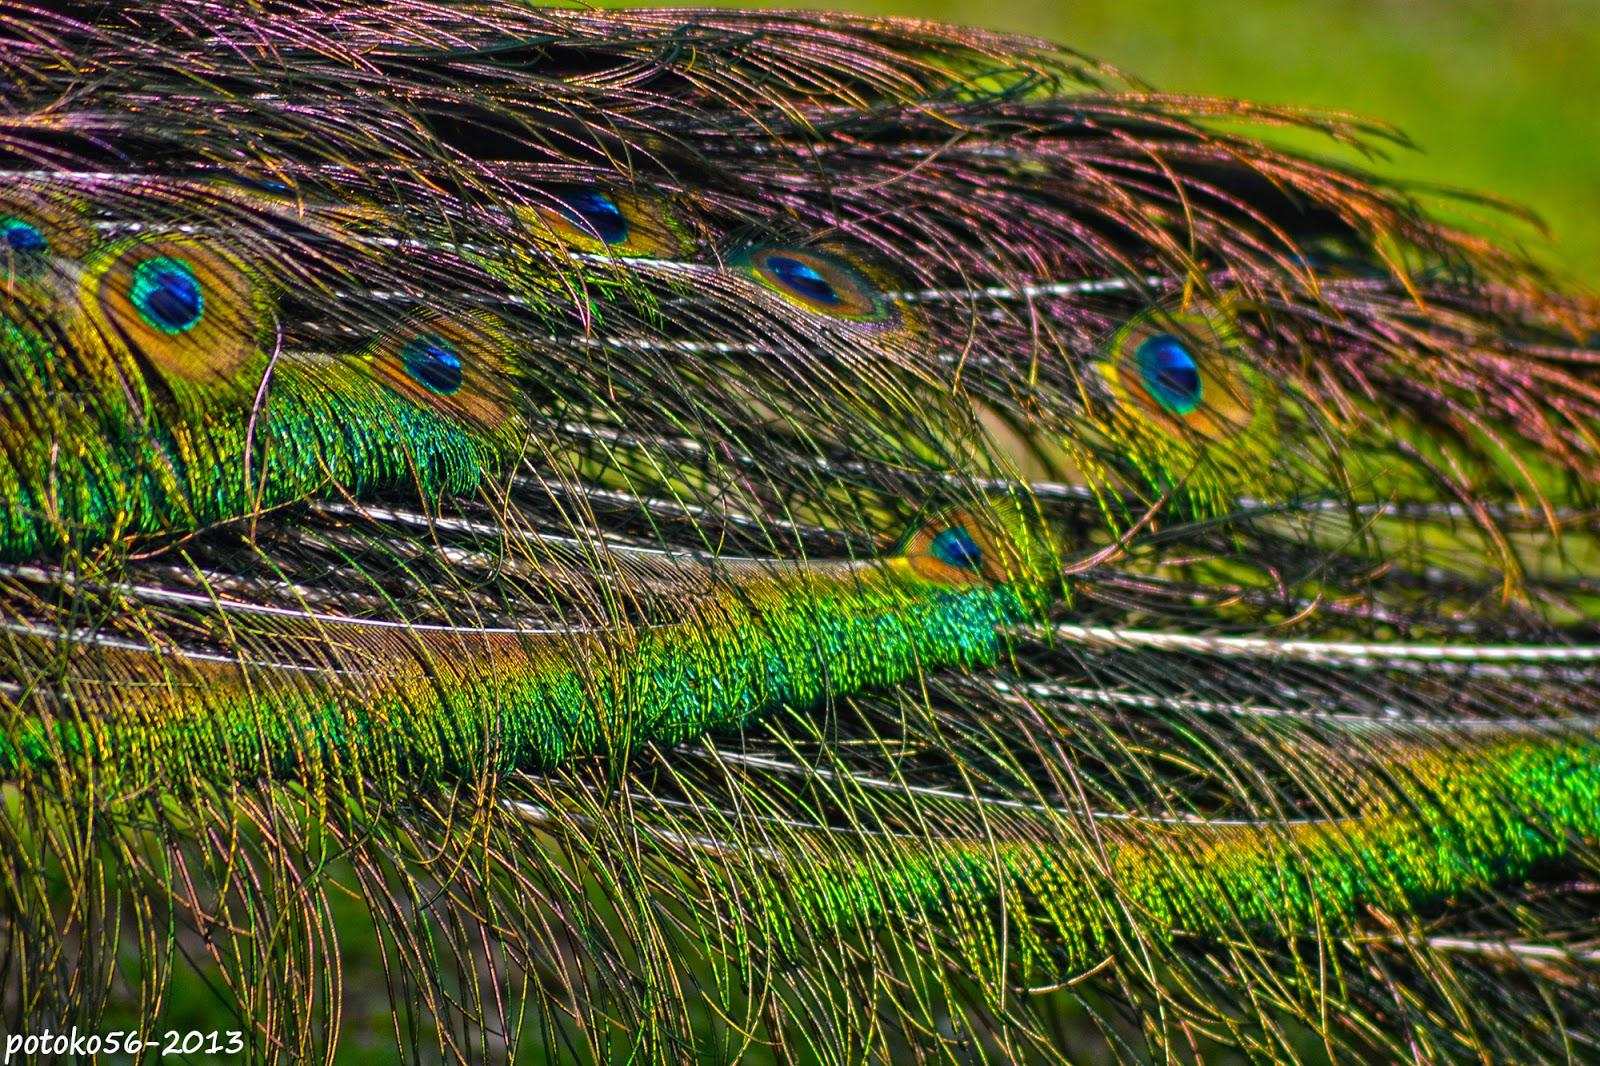 El Infinito de colores en el cuerpo del pavo real